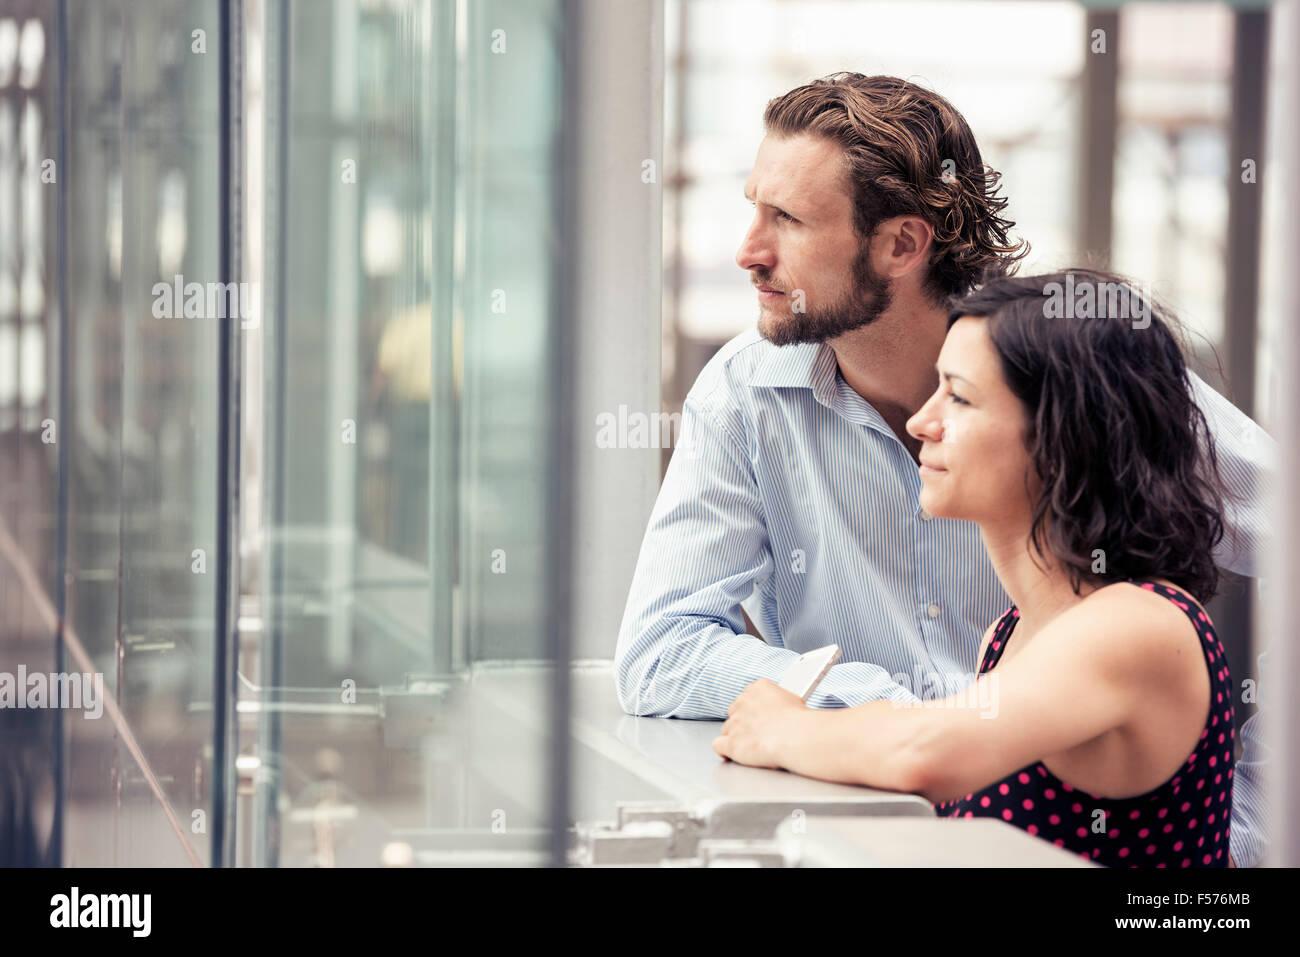 Un couple à l'extérieur d'un bâtiment de la ville Photo Stock